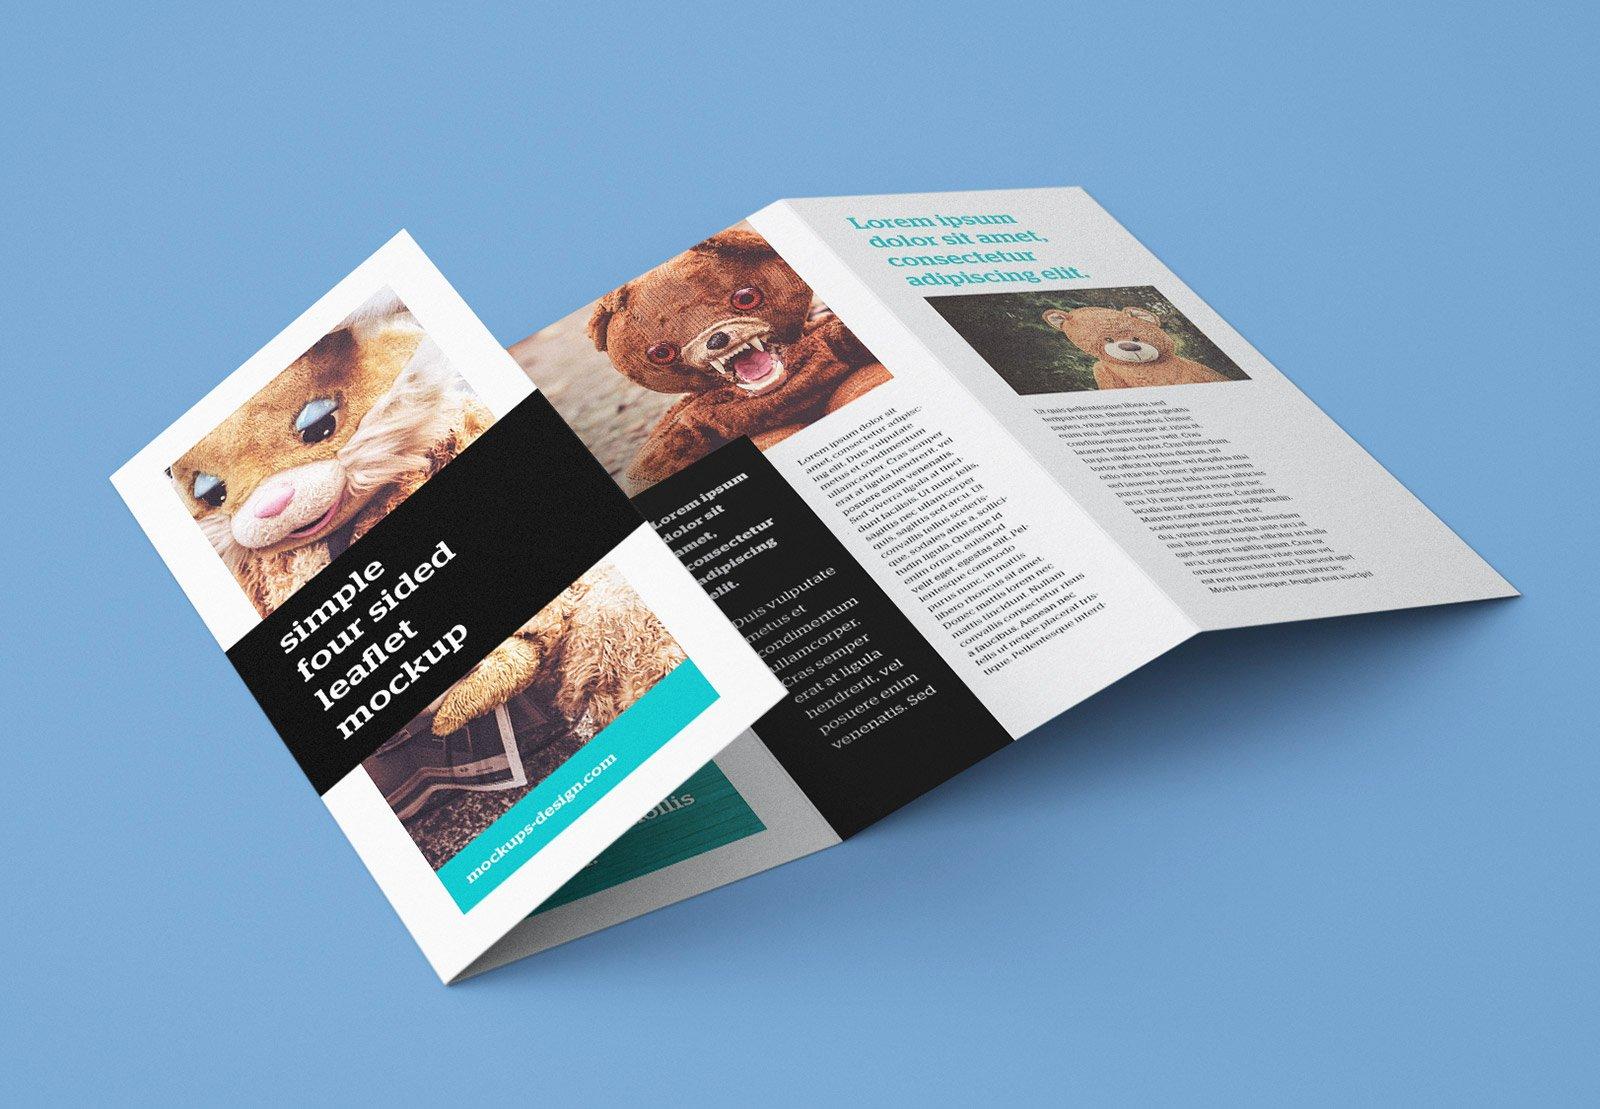 Accordion Fold Brochure Template Unique Free Accordion 4 Fold Brochure Leaflet Mockup Psd